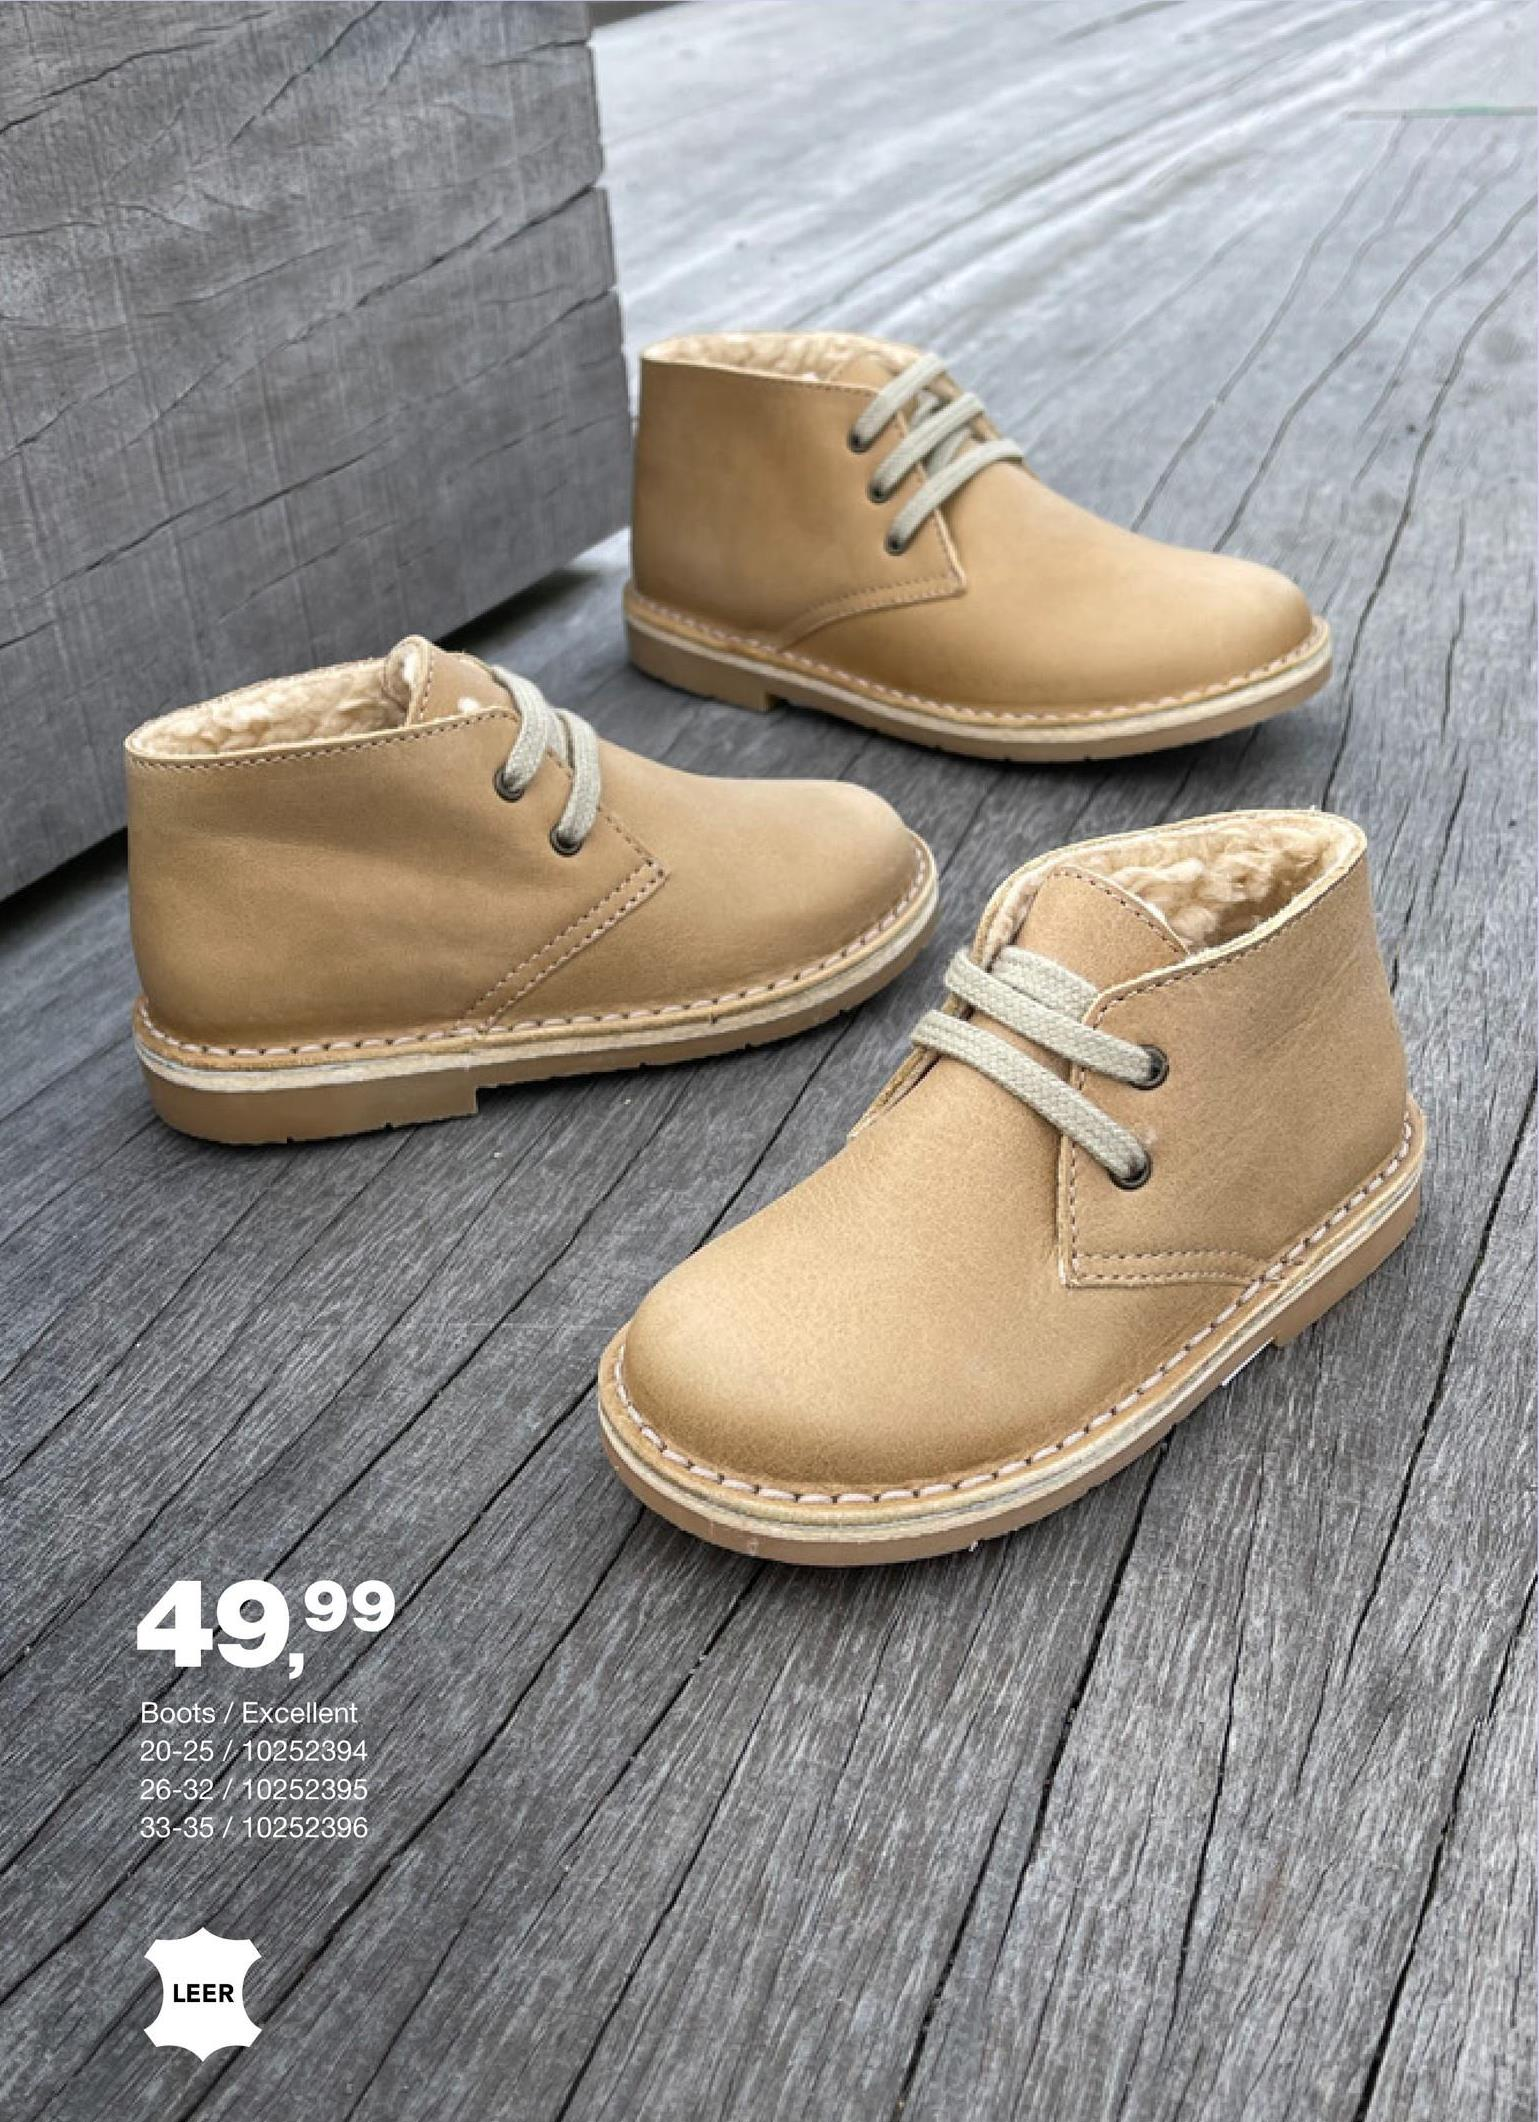 Enkellaarzen Excellent 20 - 25 - Zand - maat 20 - Goedkope Hoge schoenen boots - Hoge schoenen & Boots - Leer Nog op zoek naar een kwalitatieve en comfortabele enkellaars voor kinderen? Wat dacht je van dit leren model met warme voering van het merk Excellent?